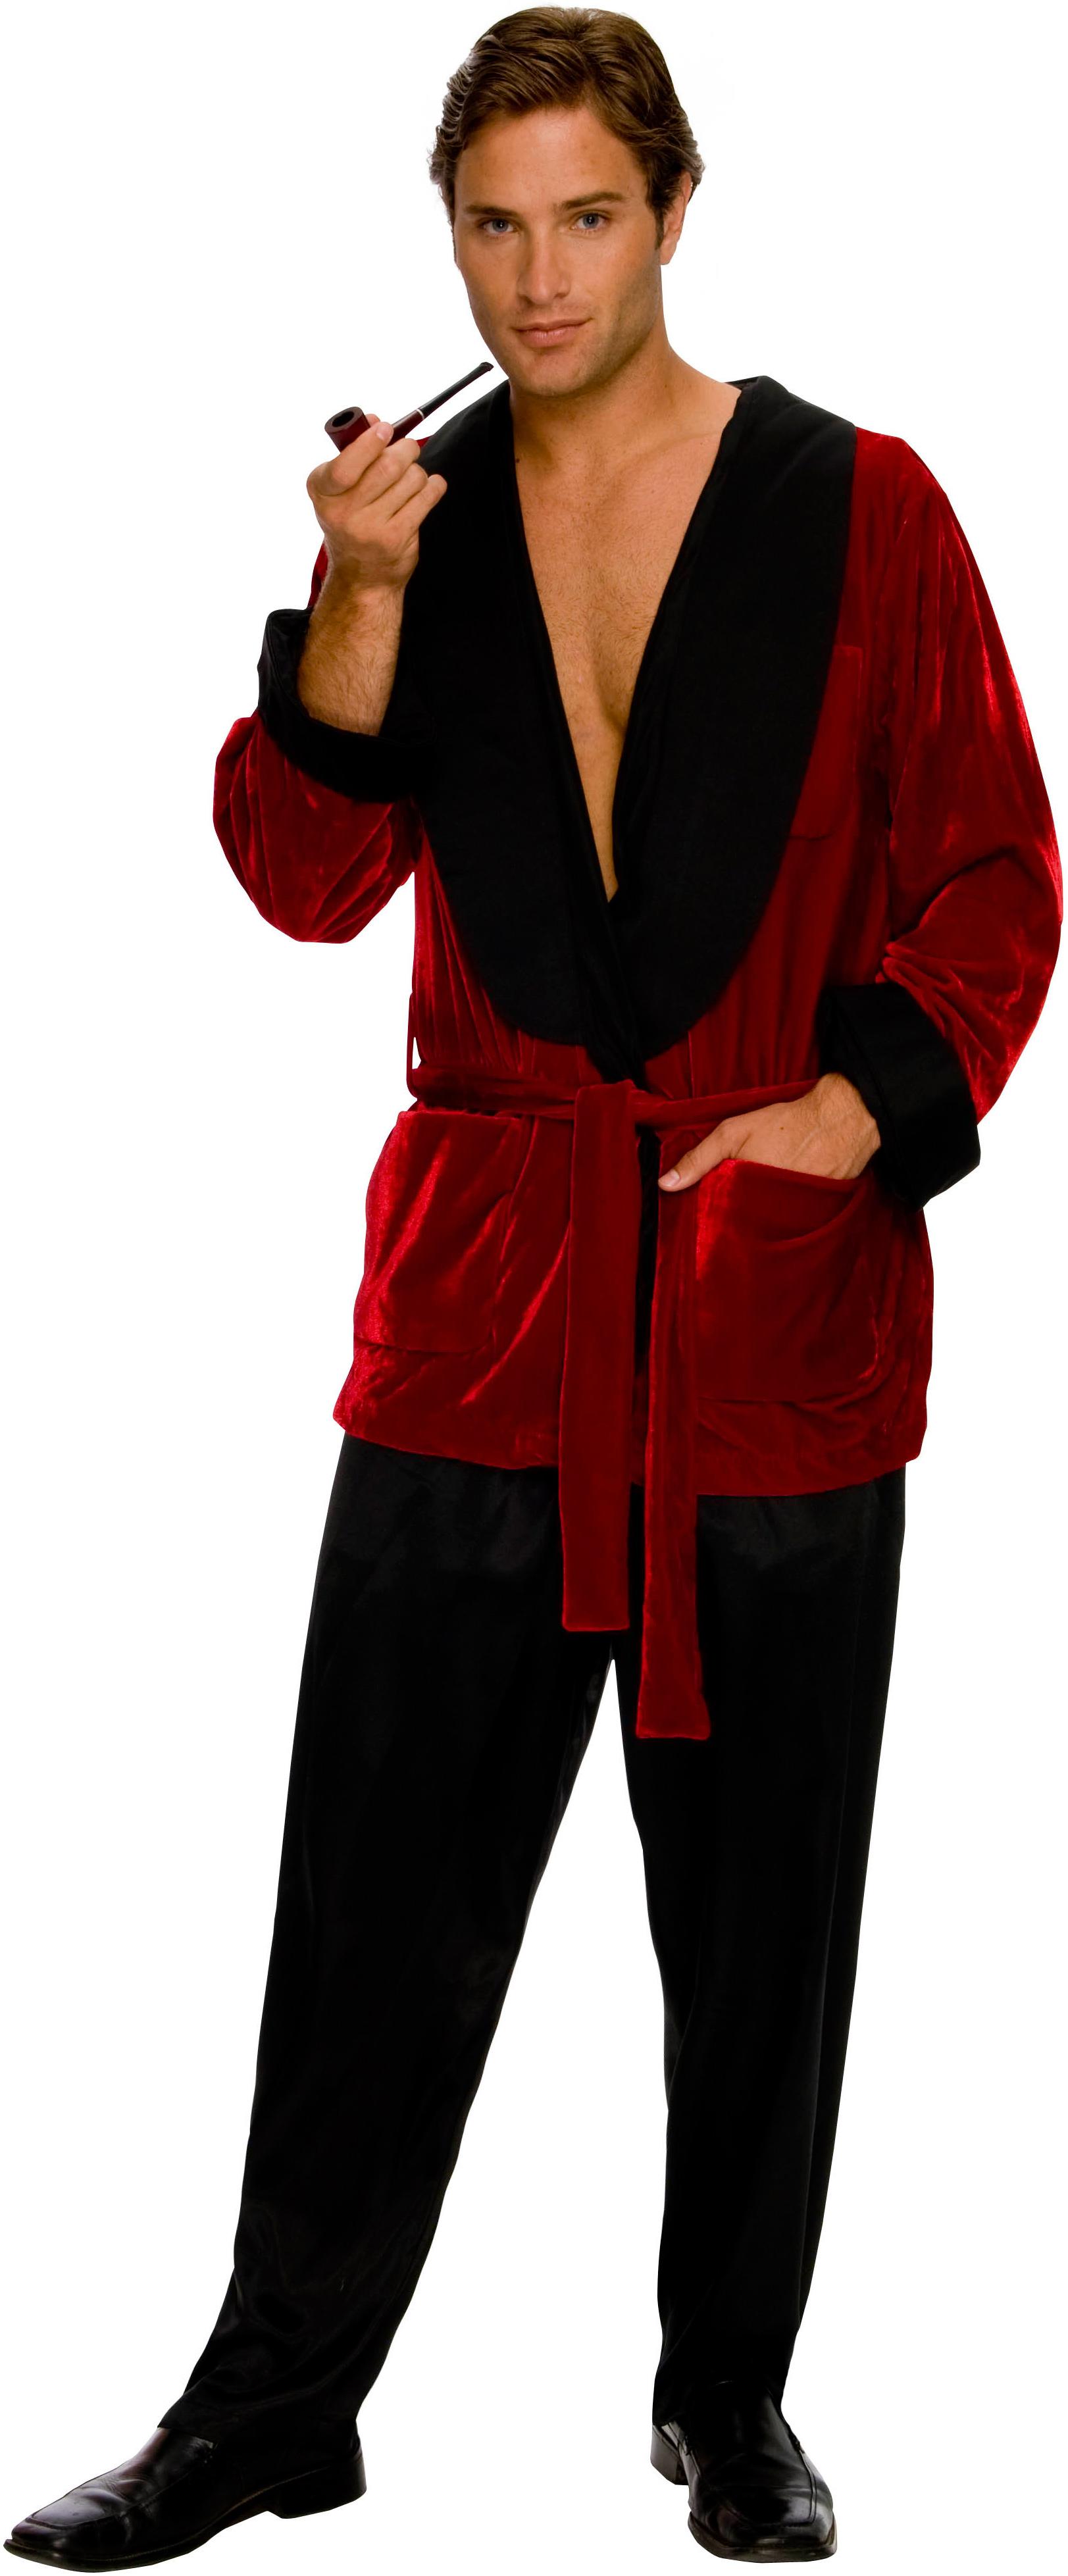 playboy mens smoking jacket adult costume buycostumescom - Halloween Costumes Playboy